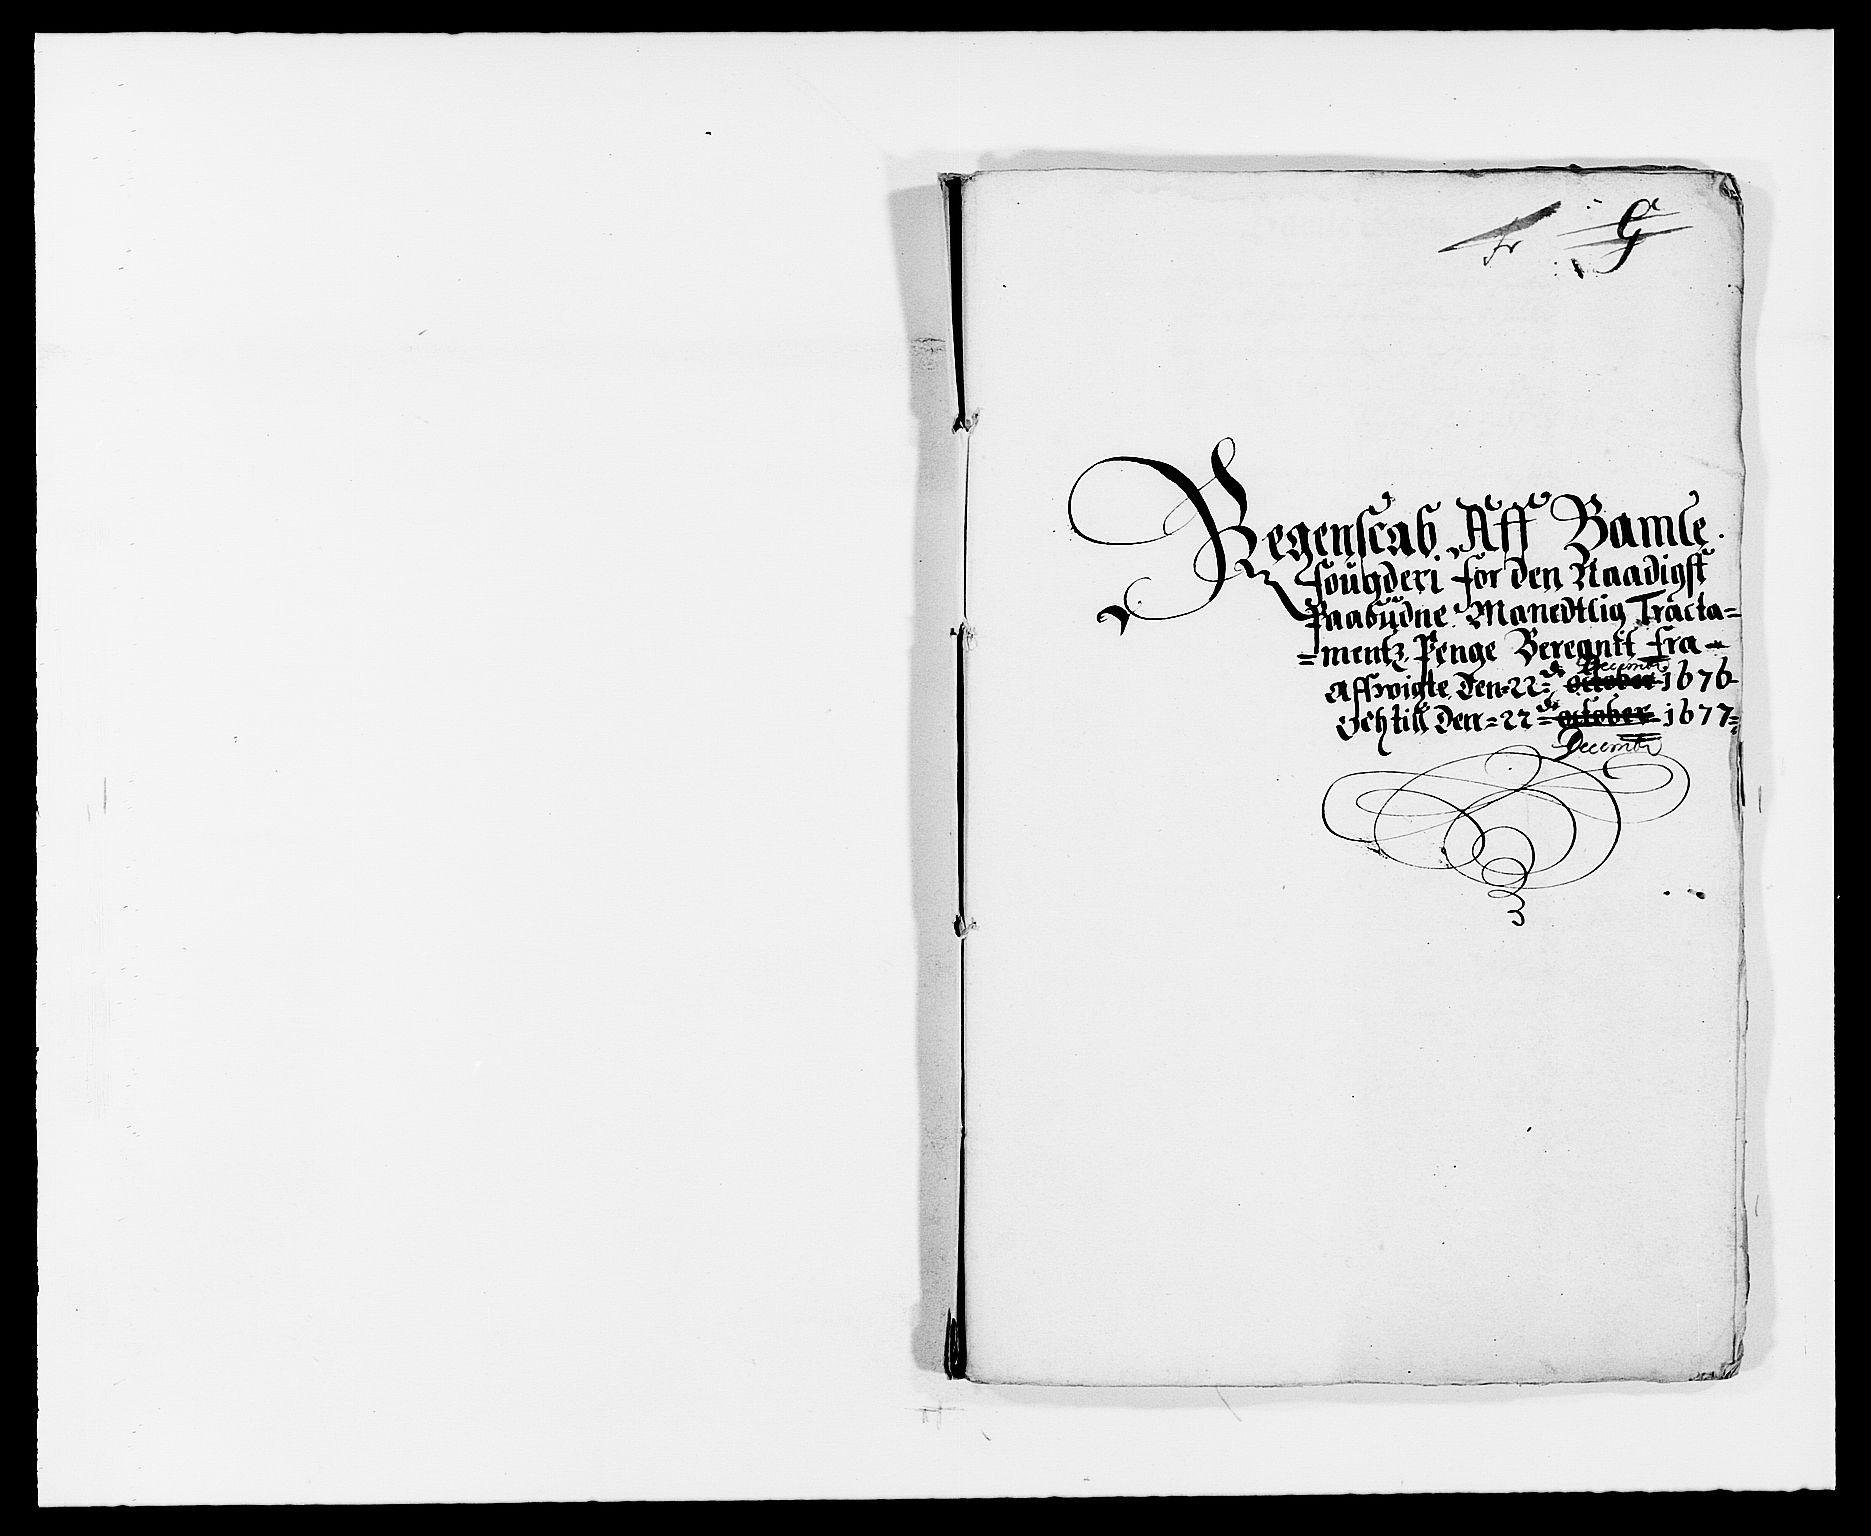 RA, Rentekammeret inntil 1814, Reviderte regnskaper, Fogderegnskap, R34/L2043: Fogderegnskap Bamble, 1676-1677, s. 361